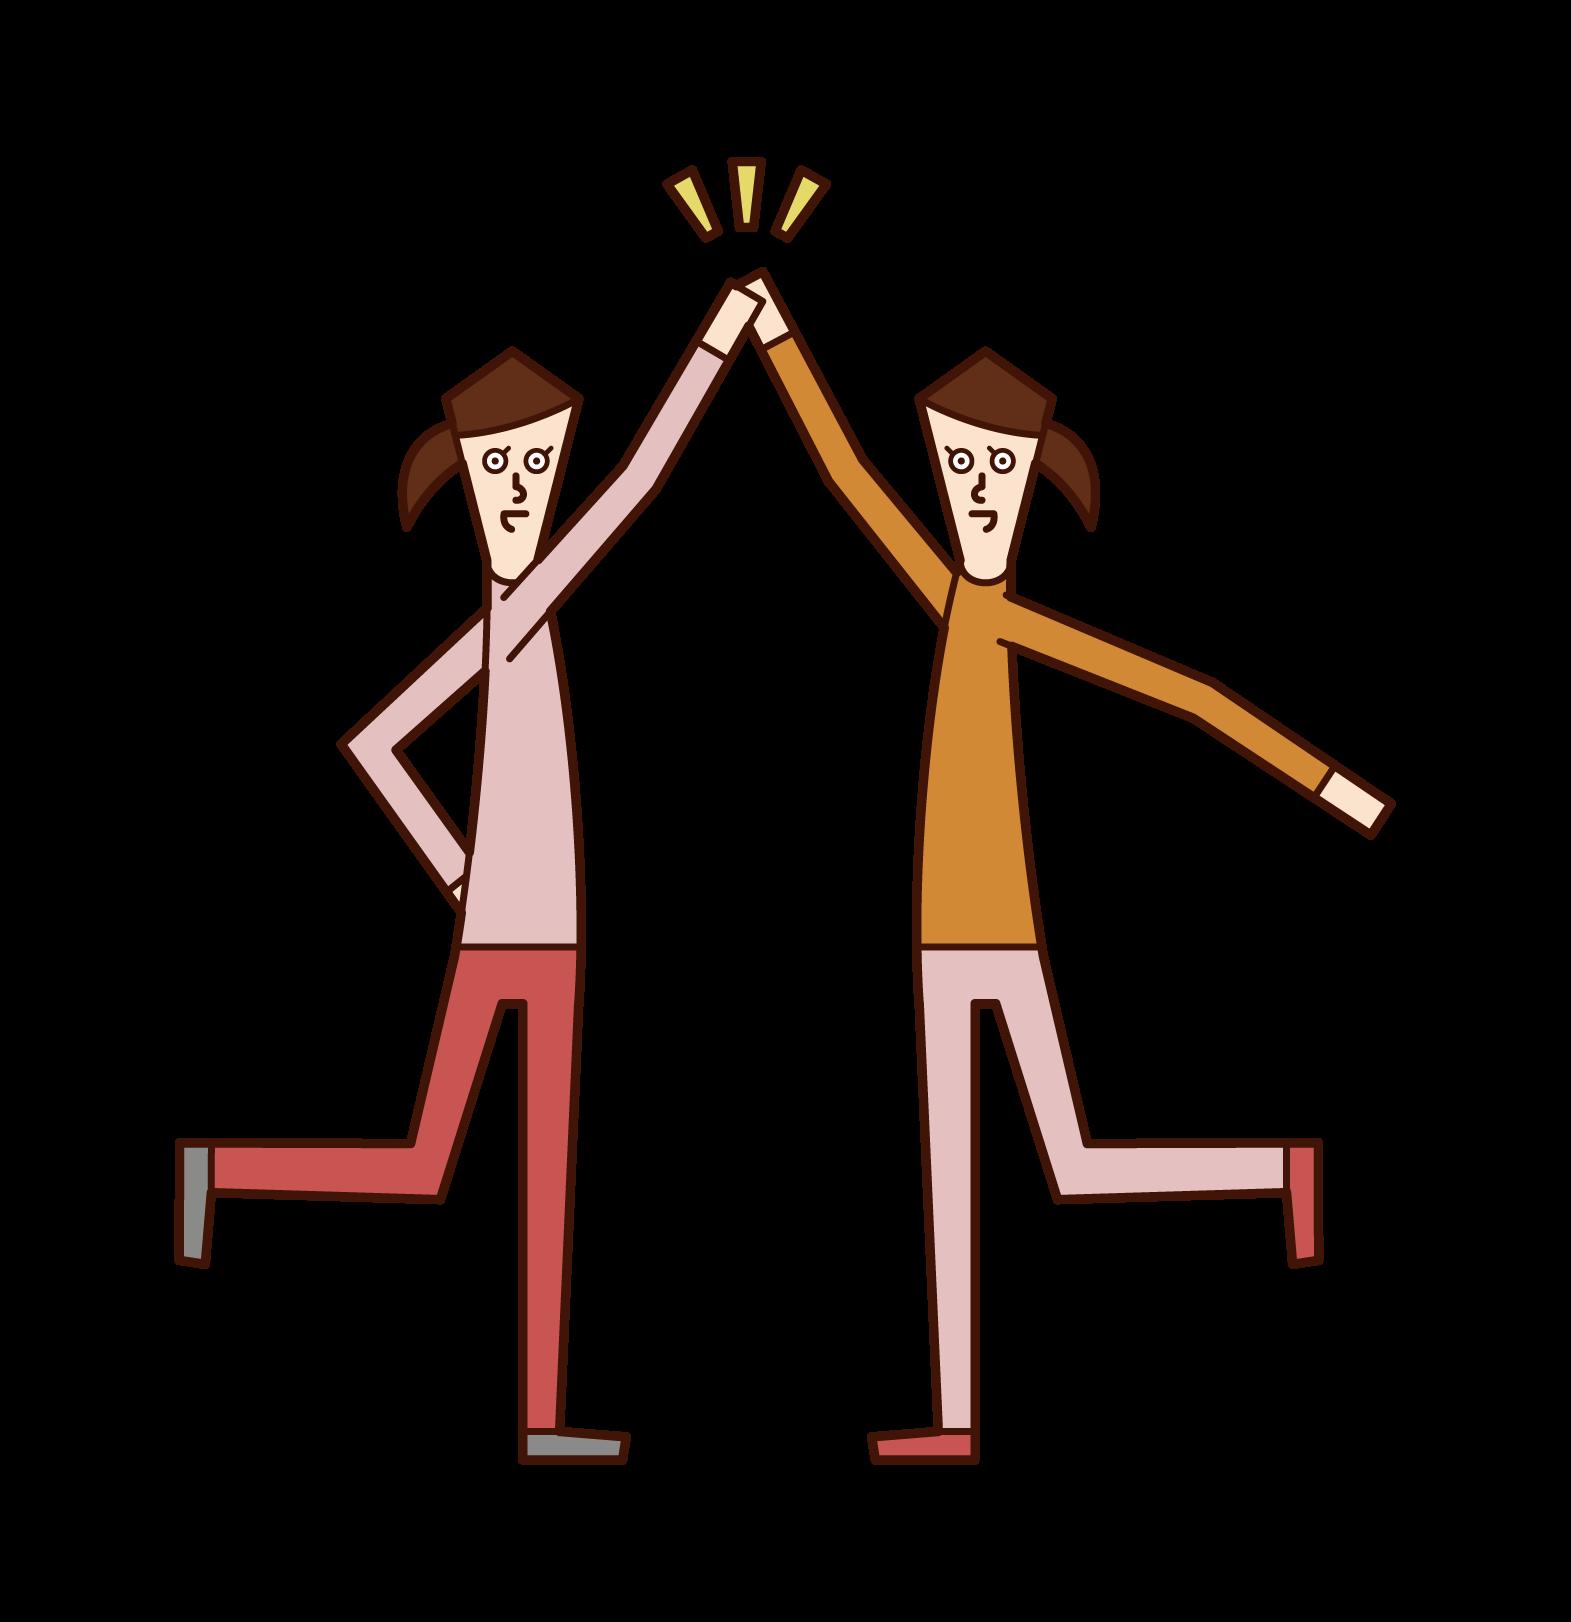 ハイタッチをする人(女性)のイラスト